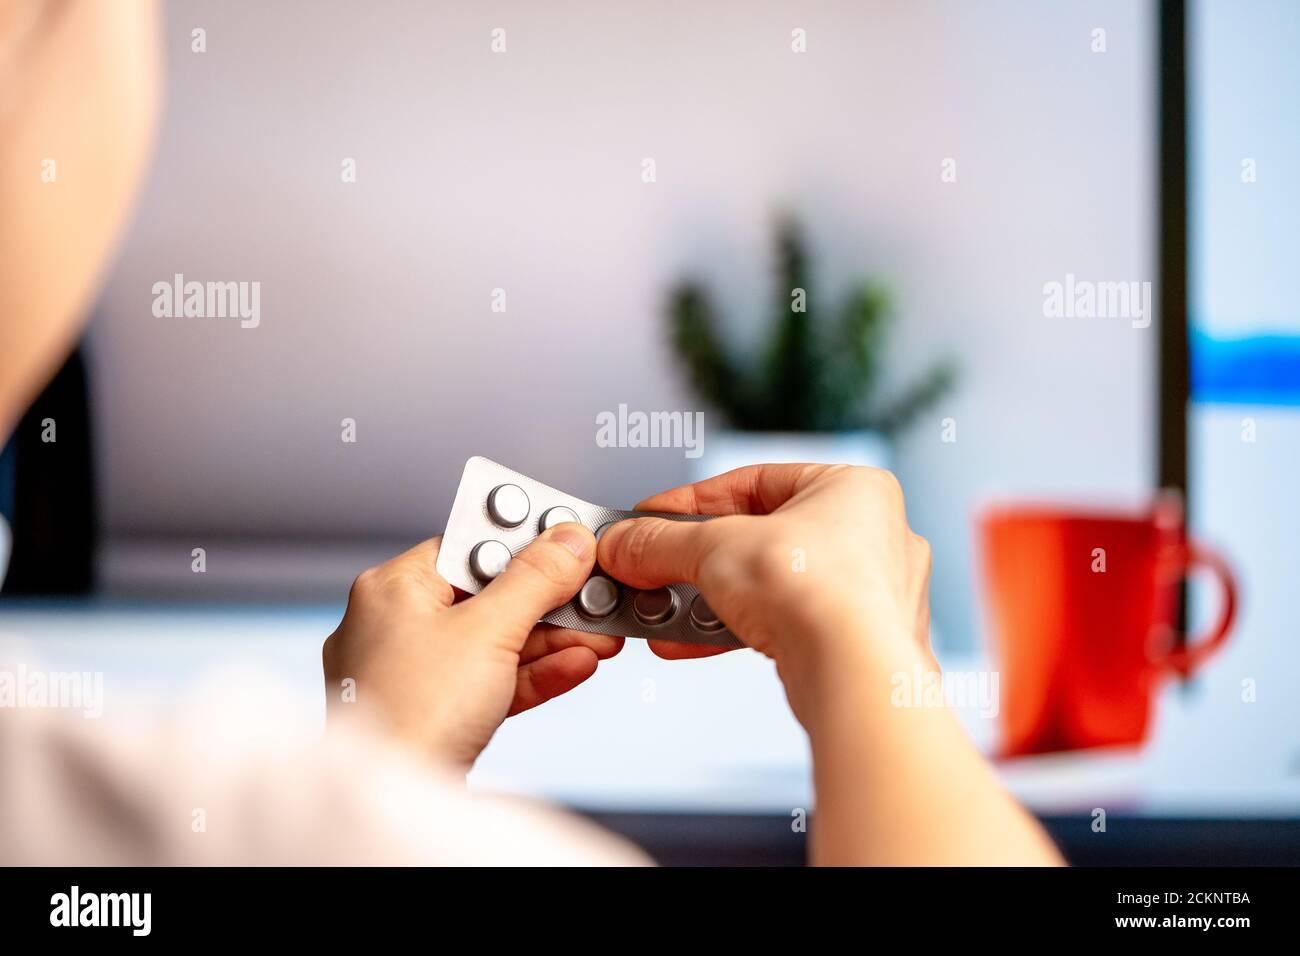 Femme poussant des pilules ou des comprimés de Blister Packaging à l'intérieur moderne de cuisine lumineuse. Prise Painkiller, antibiotique, médicament, placebo Banque D'Images